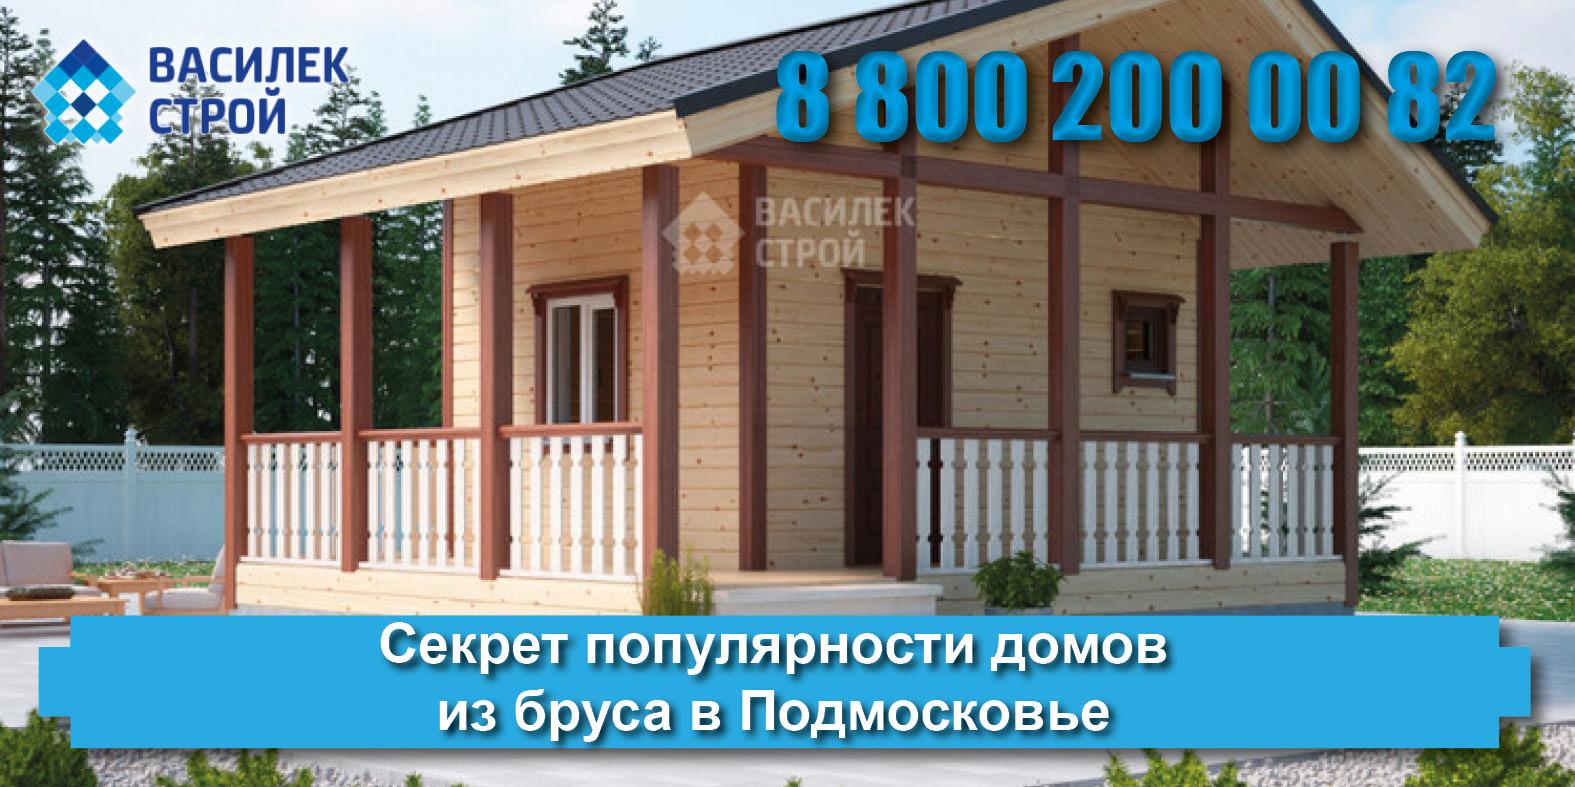 Почему в Подмосковье популярны дома из бруса и другого пиломатериала